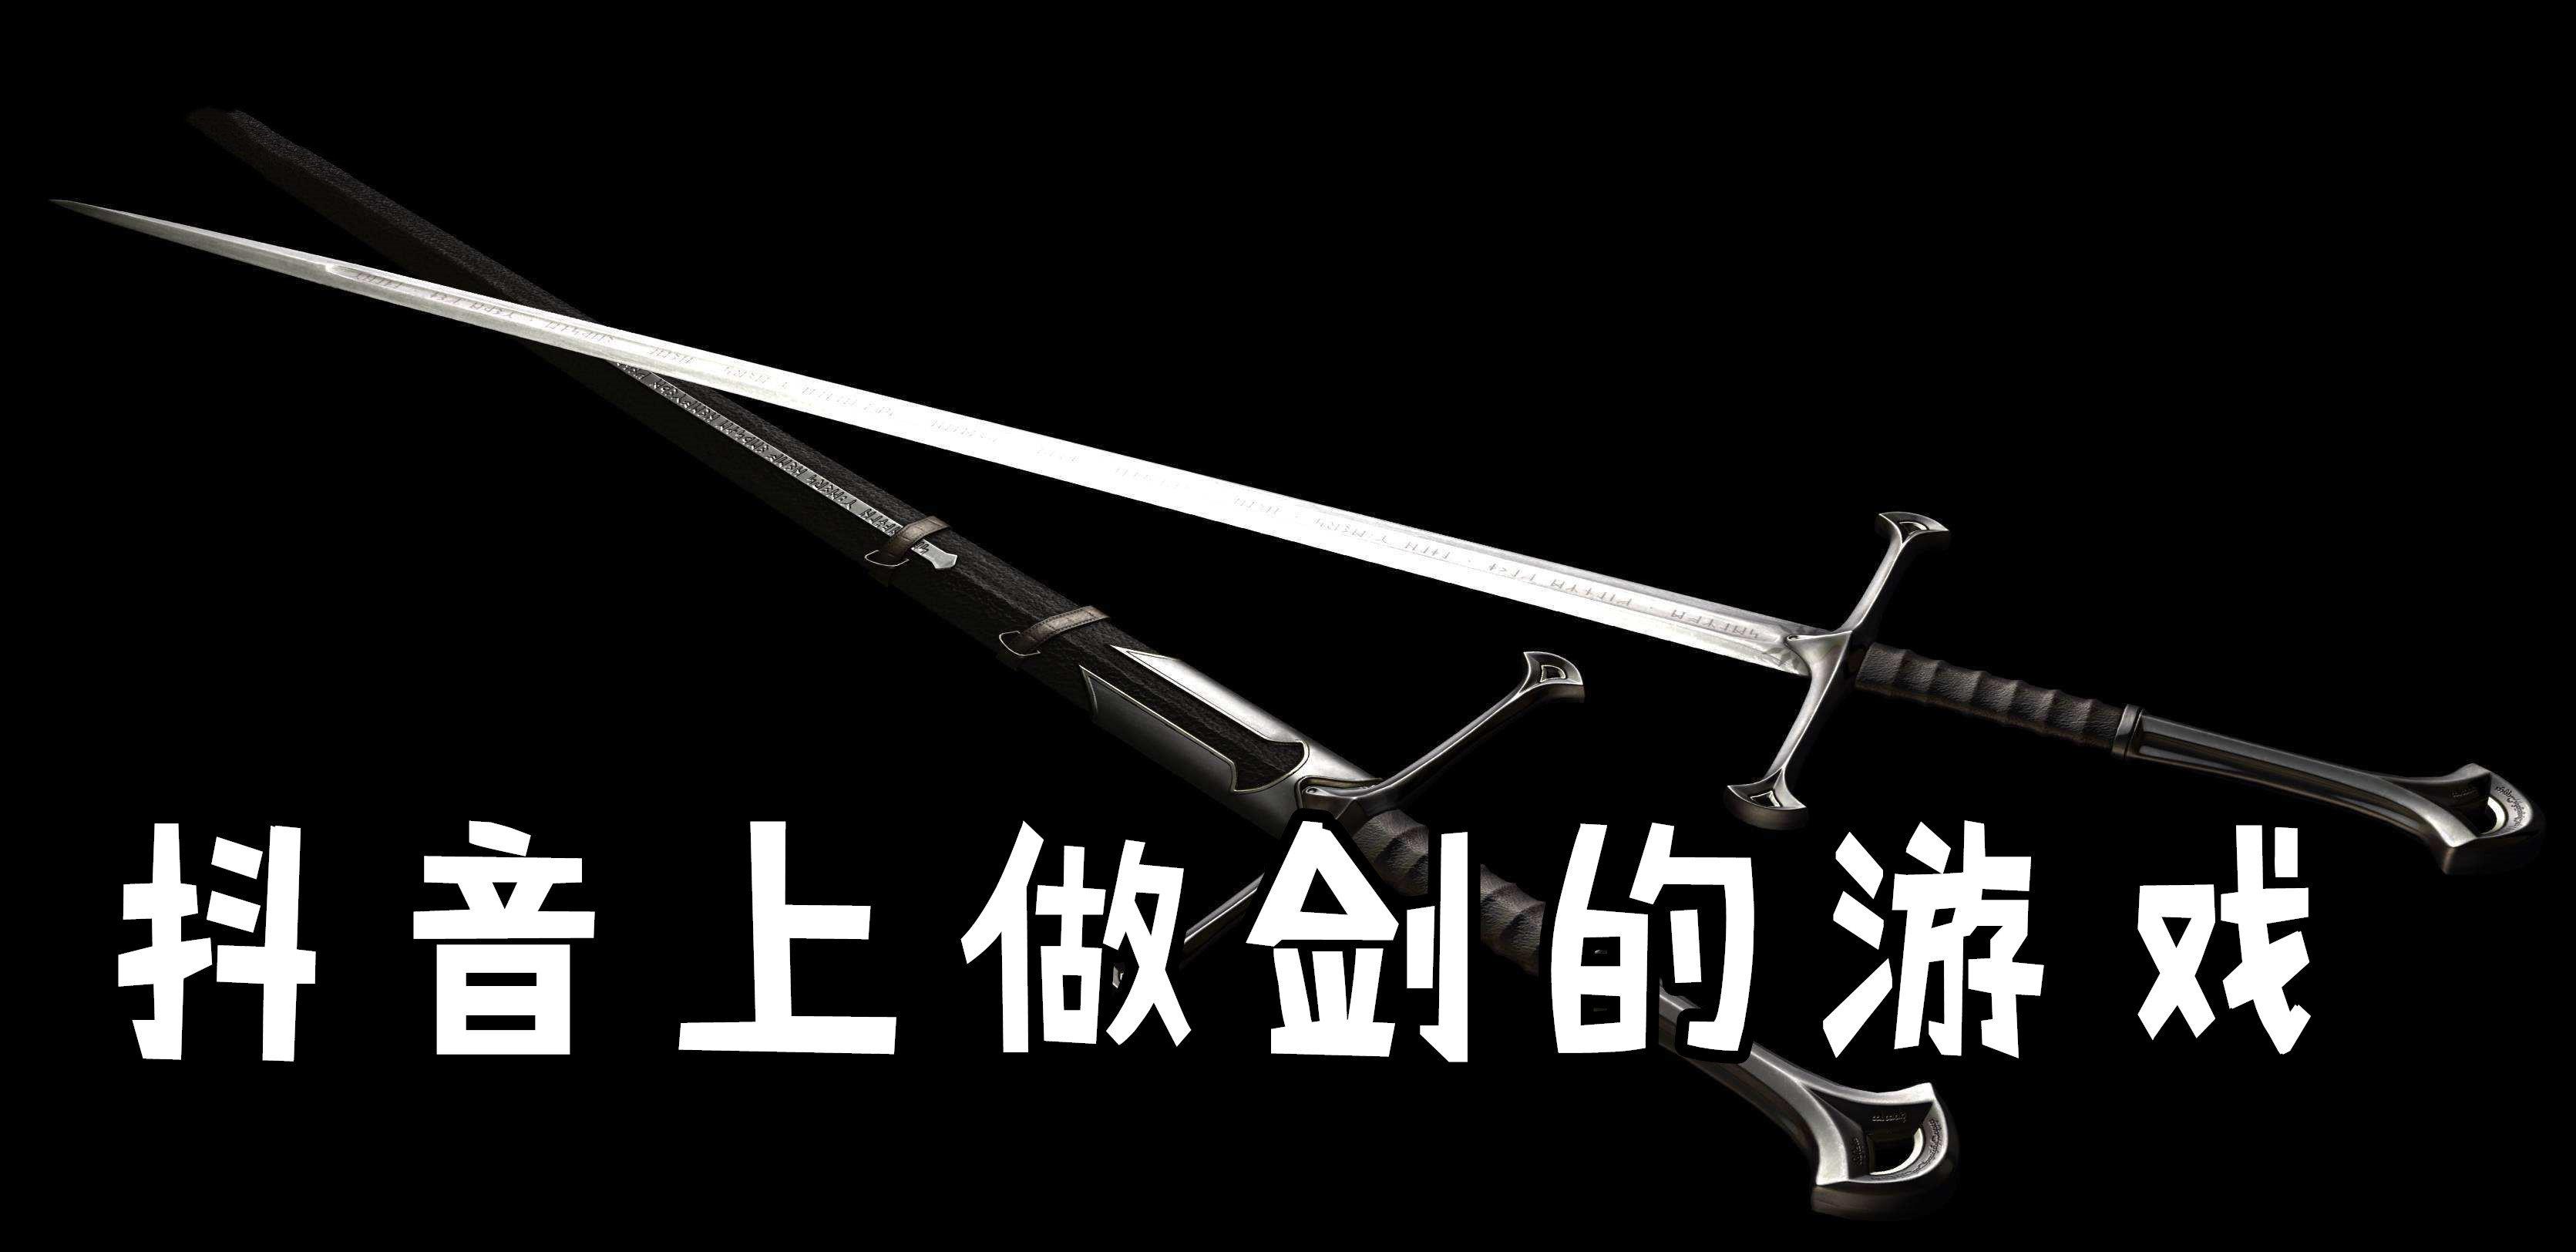 抖音上做剑的游戏